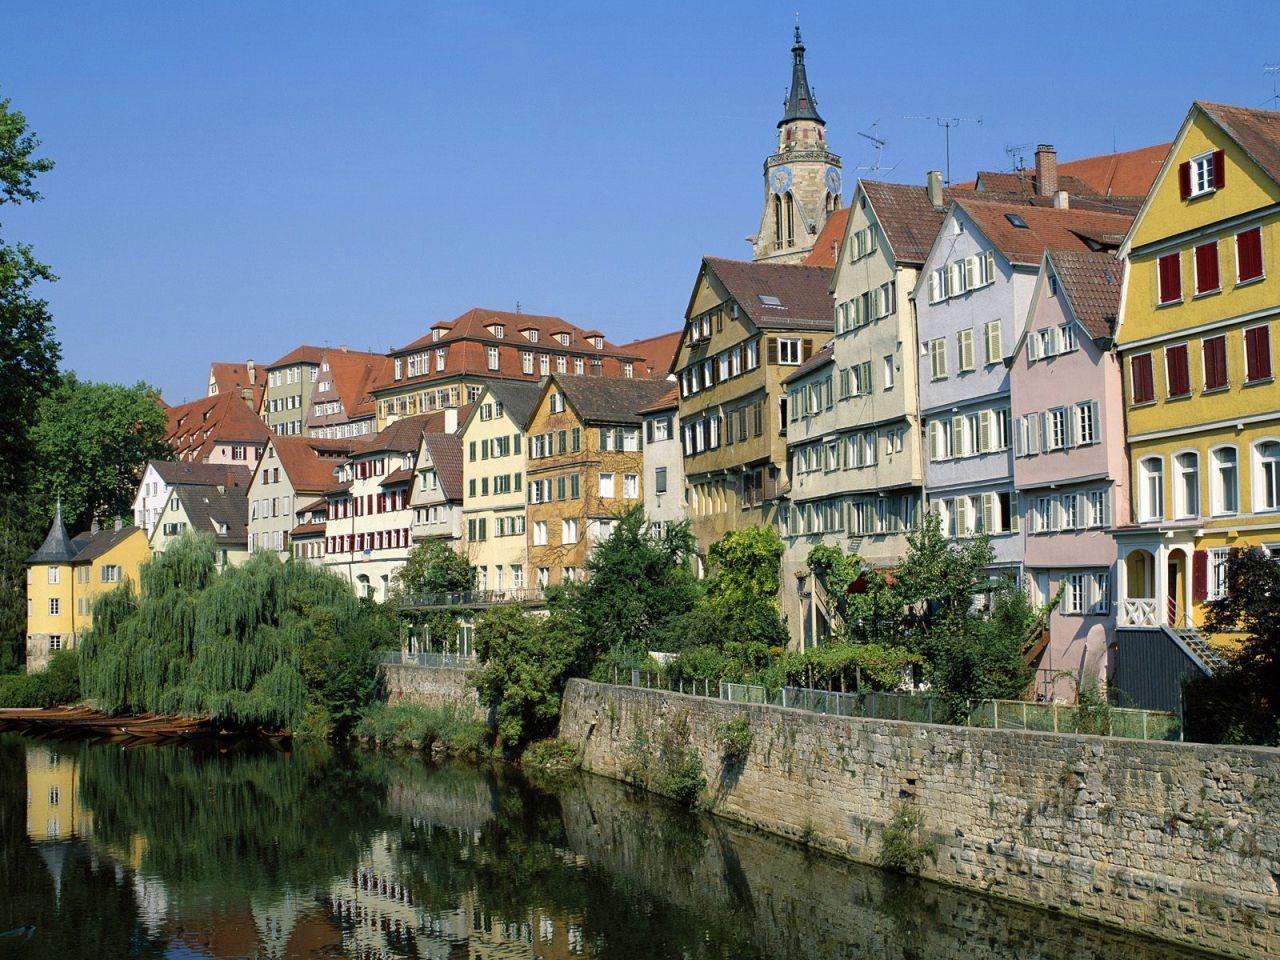 Отель, гостиница в Баден-Бадене, Германия, 6342 м2 - фото 1